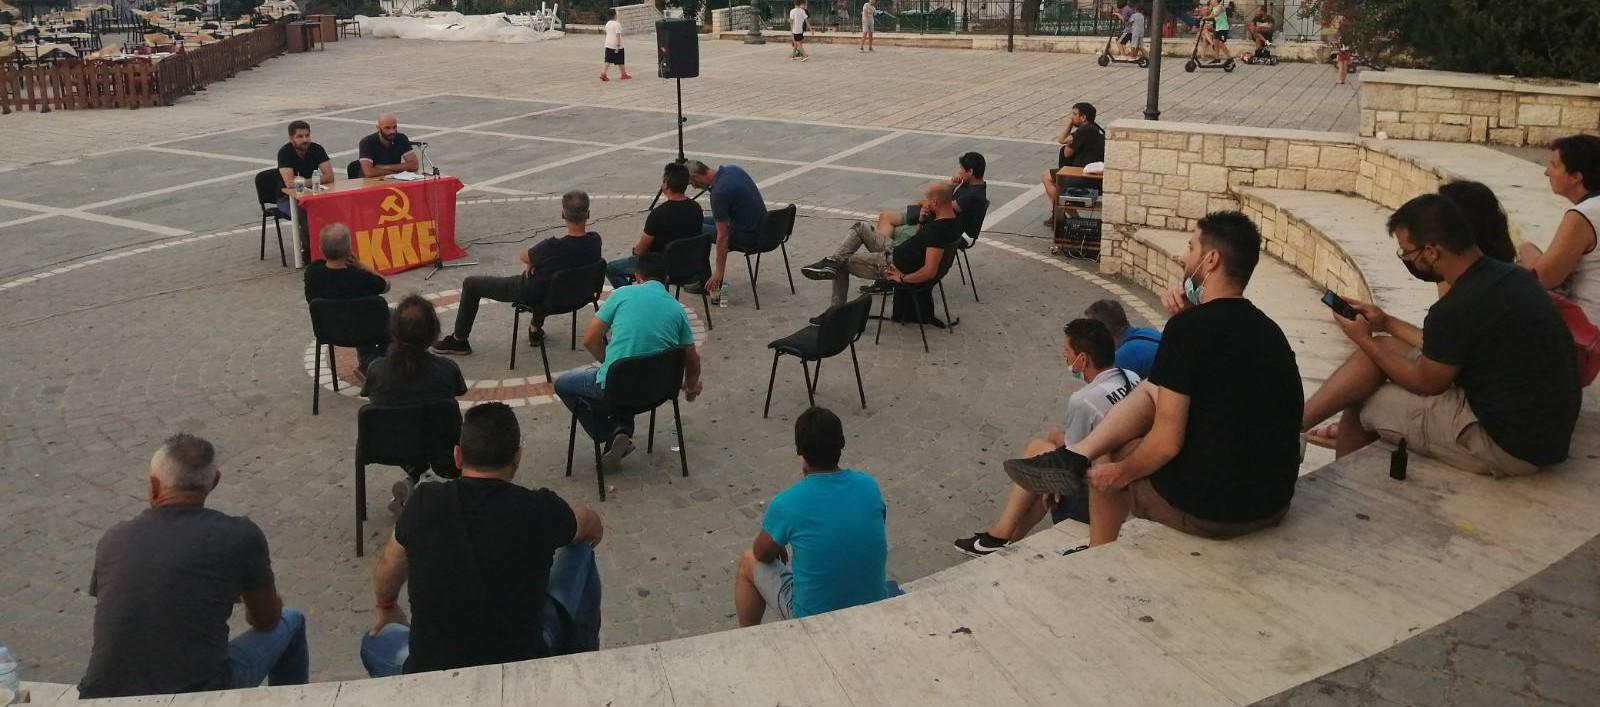 Συνέχεια στην πολιτική δραστηριότητα δίνει η Τ.Ο. Ιωαννίνων του ΚΚΕ.Σύσκεψη χθες   στην πλατεία της Ανατολής